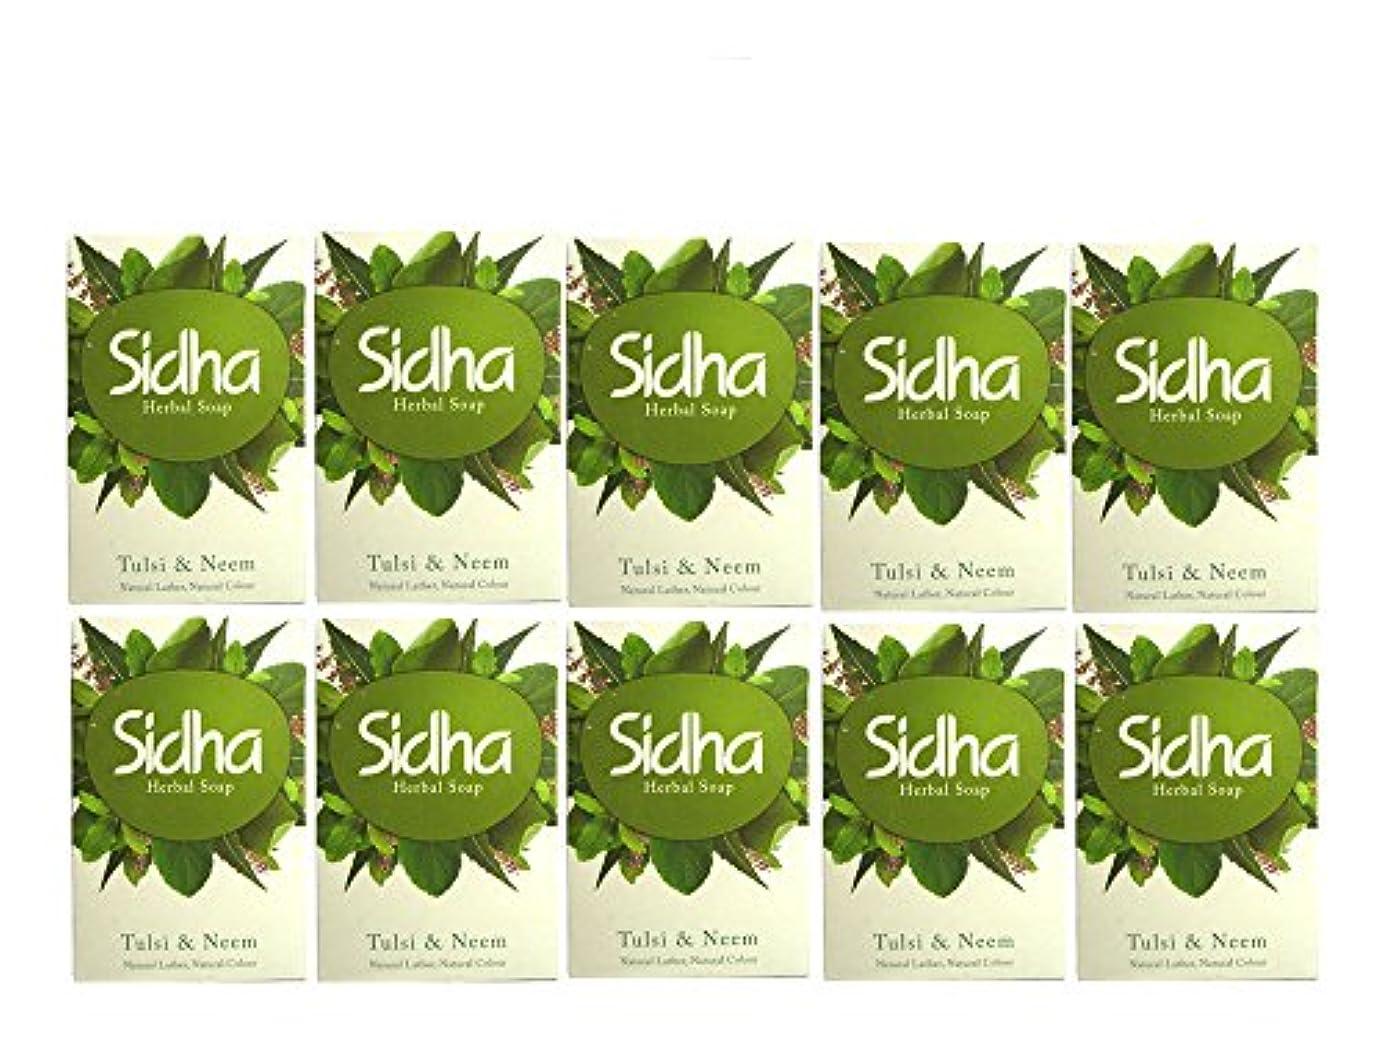 学者中間付けるSIHDH Herbal Soap Tulsi & Neem シダー ハ-バル ソープ 75g 10個セット